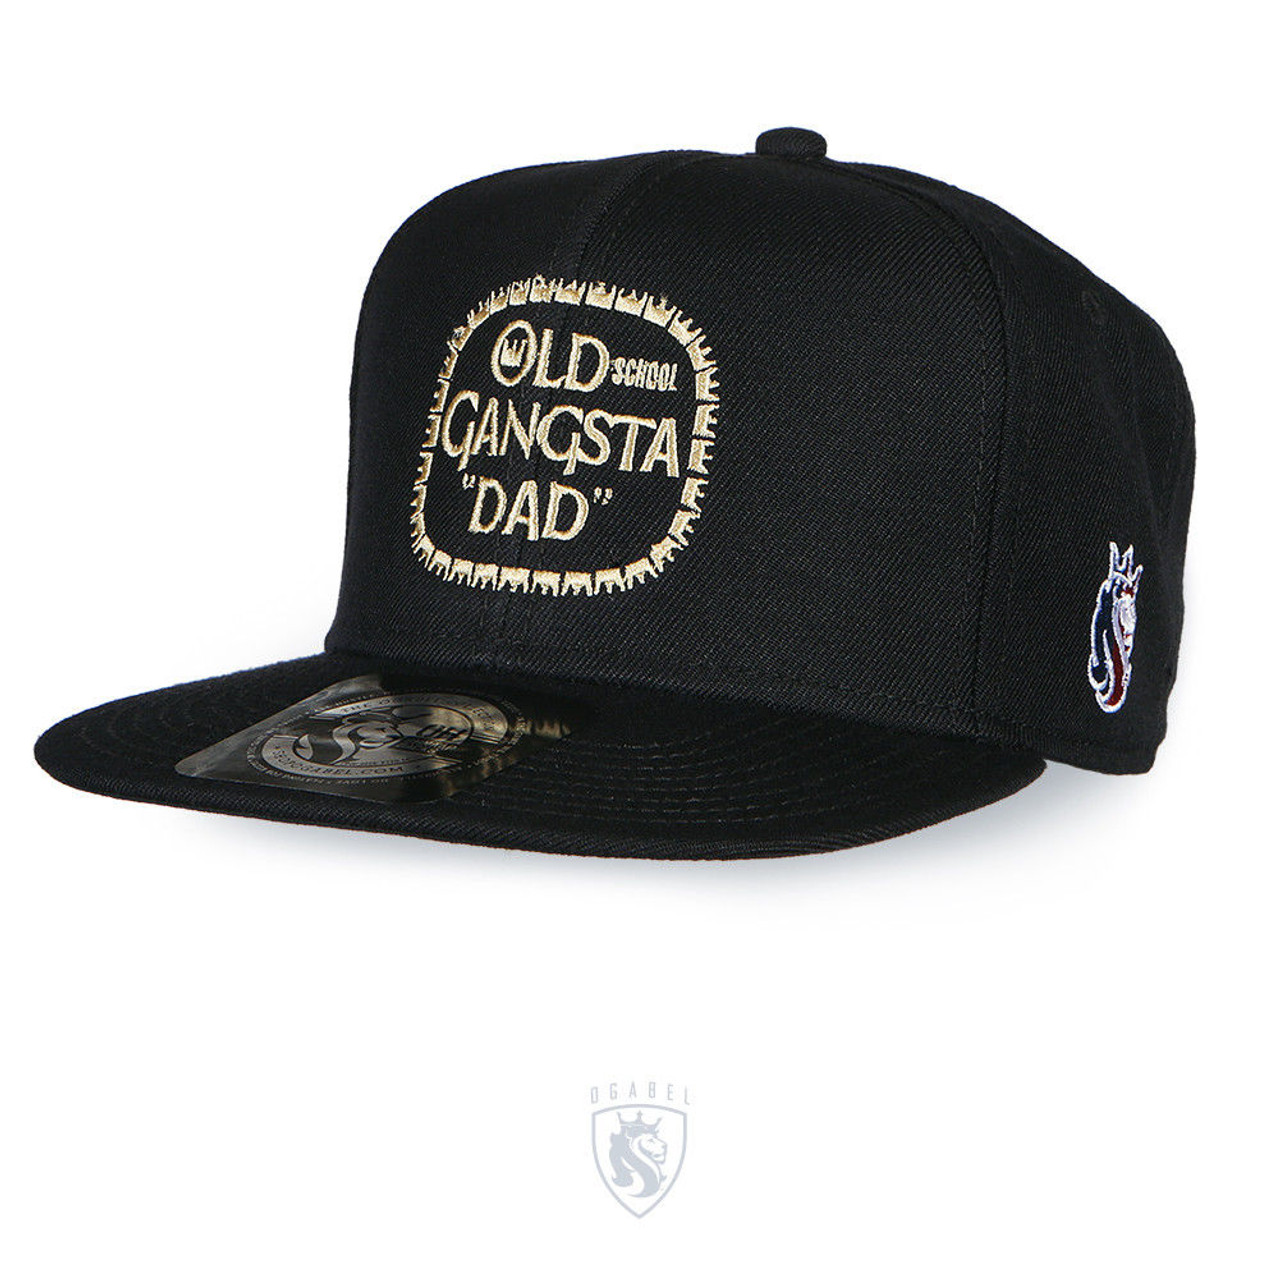 OG Abel Ogabel 40oz Beer OG Dad Urban Tattoos Gangster Snapback Cap Hat  HTSB041 - Fearless Apparel becc95303f19